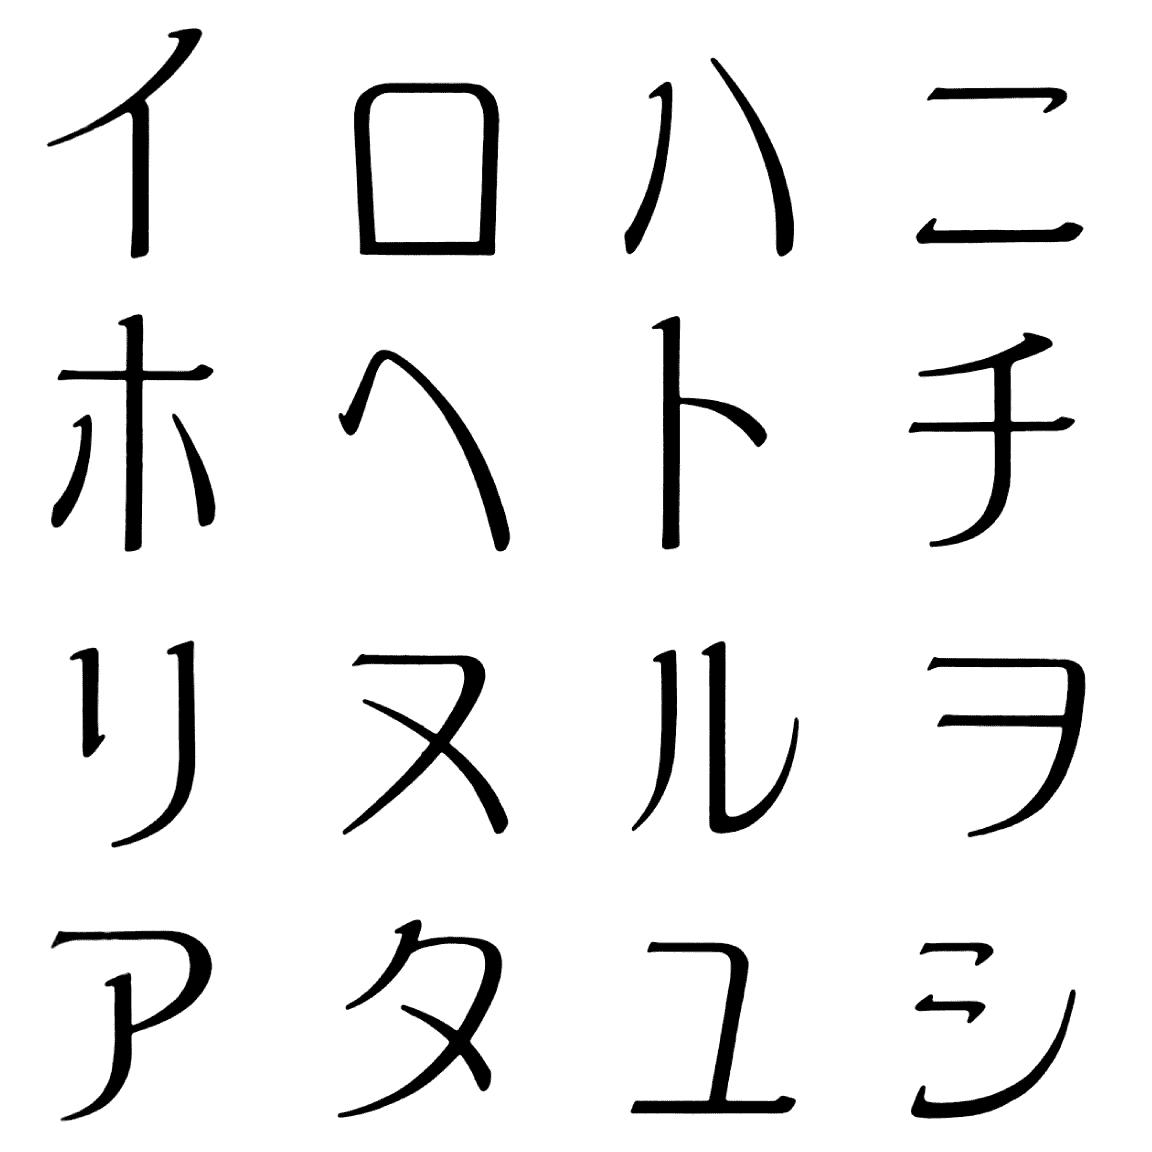 アラタ KA 字形見本